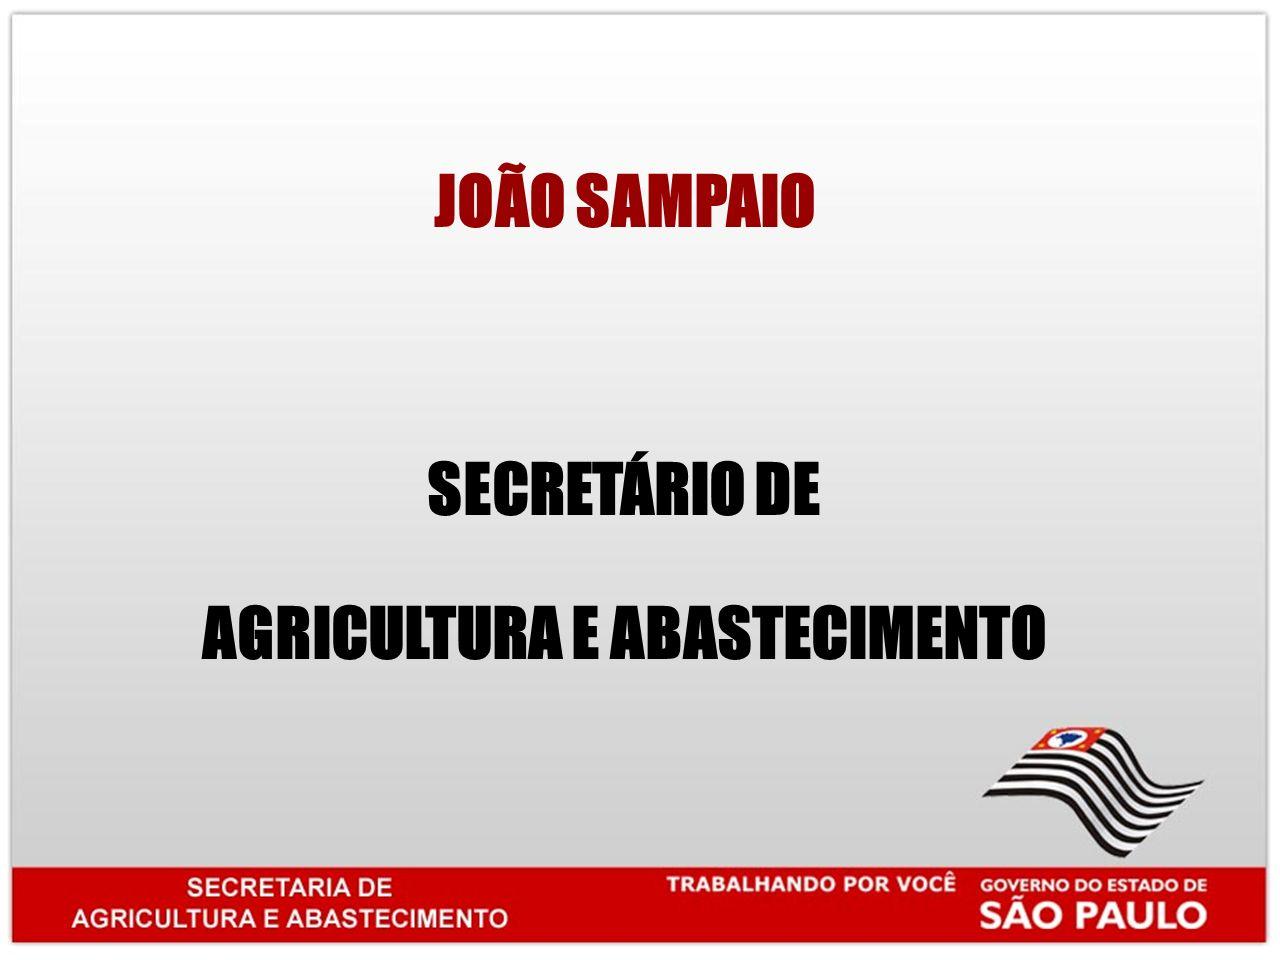 JOÃO SAMPAIO SECRETÁRIO DE AGRICULTURA E ABASTECIMENTO